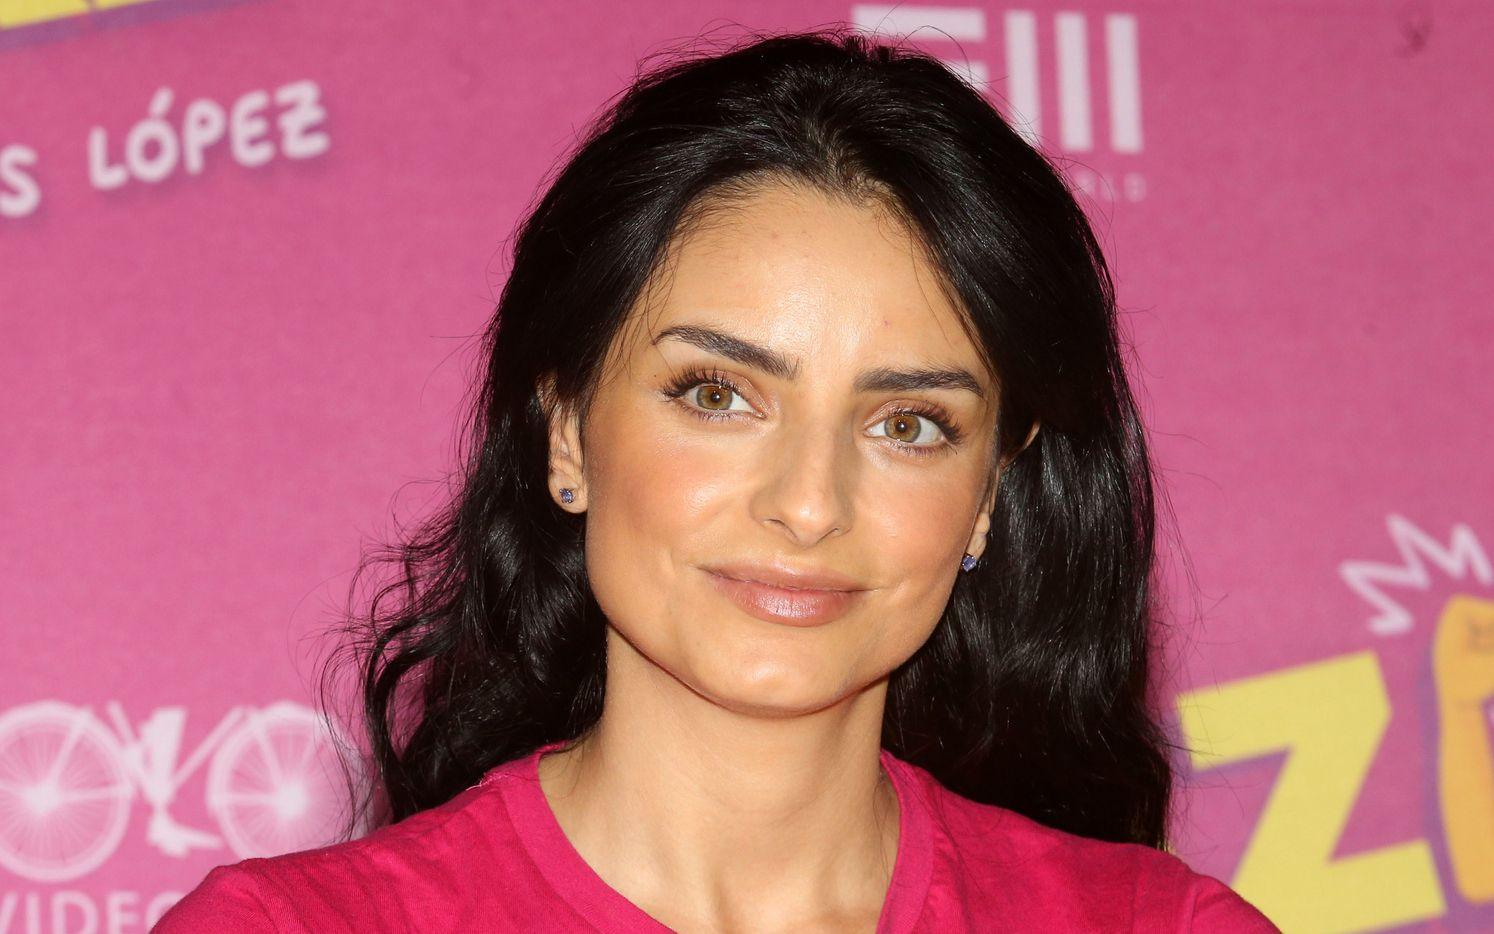 Aislinn Derbez es hija de Gabriela Michel y Eugenio Derbez